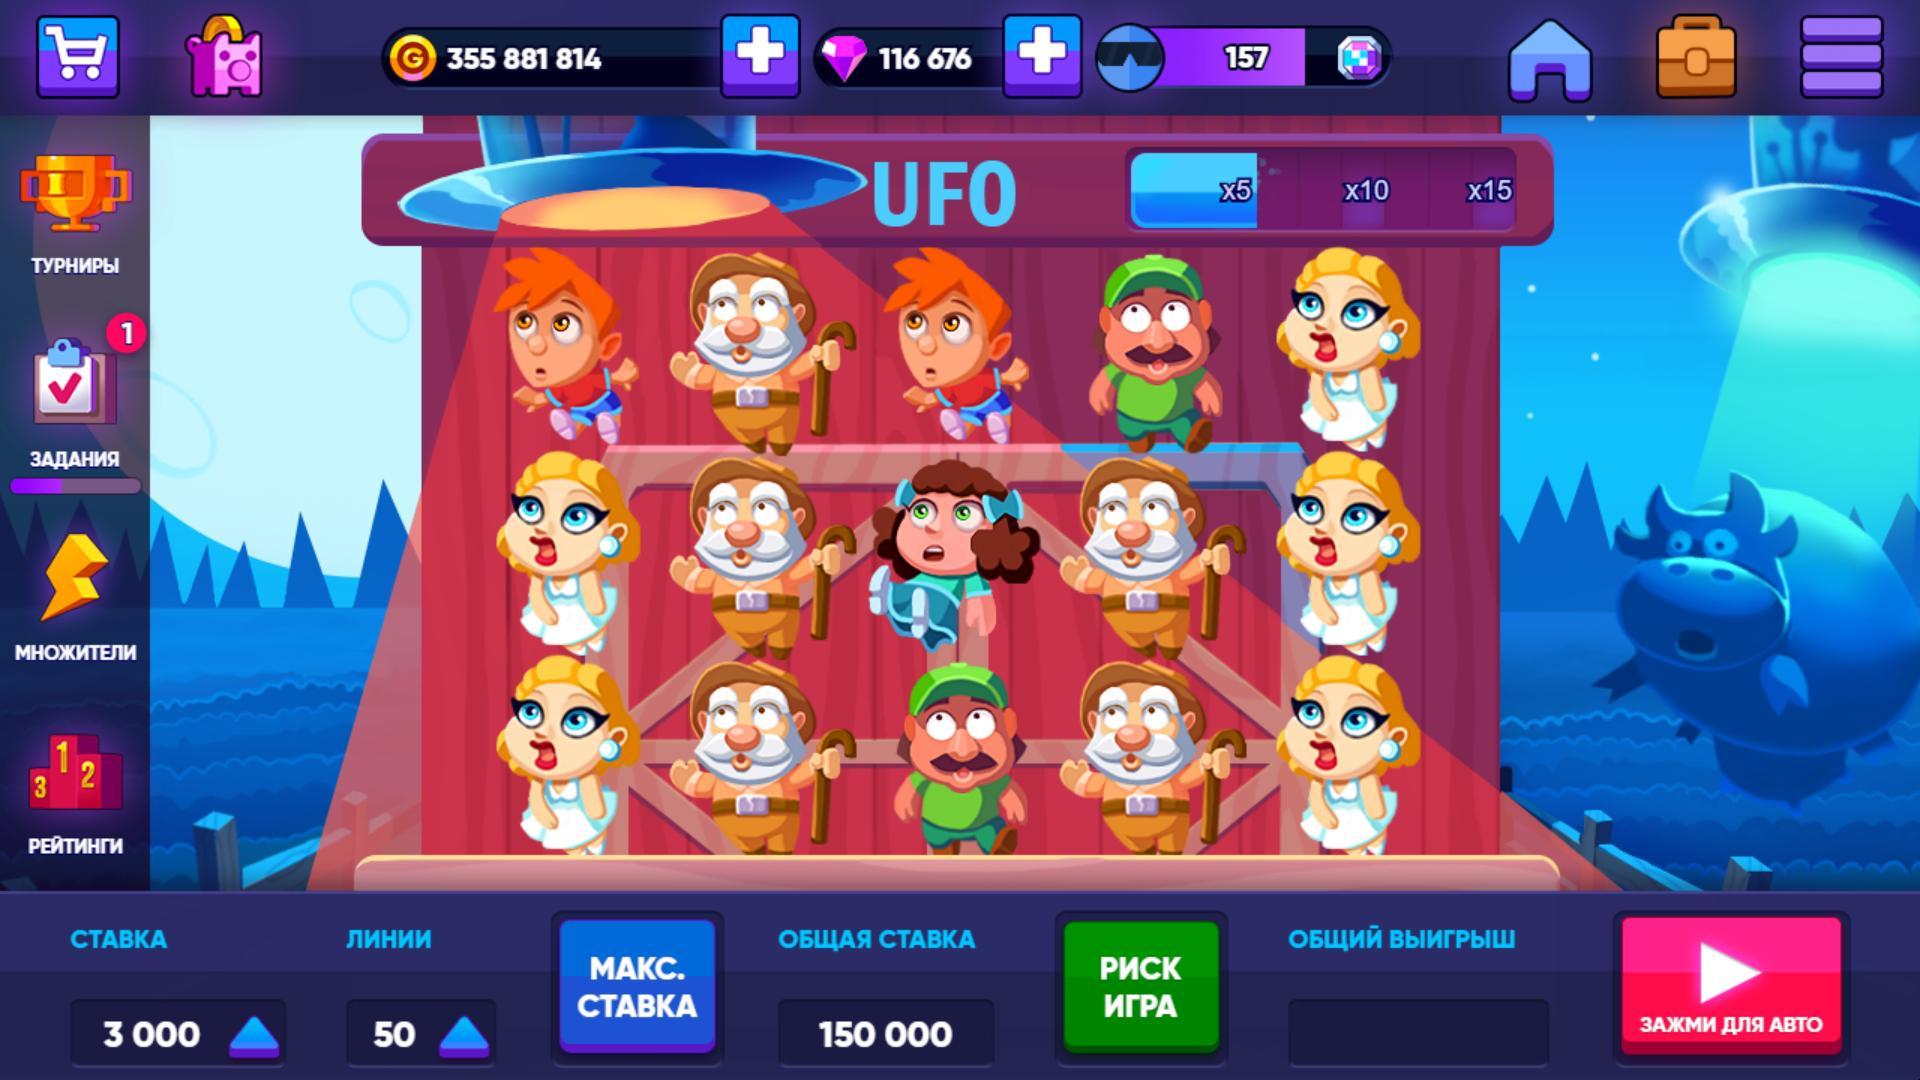 Казино слоты играть бесплатно покер онлайн депозит 1